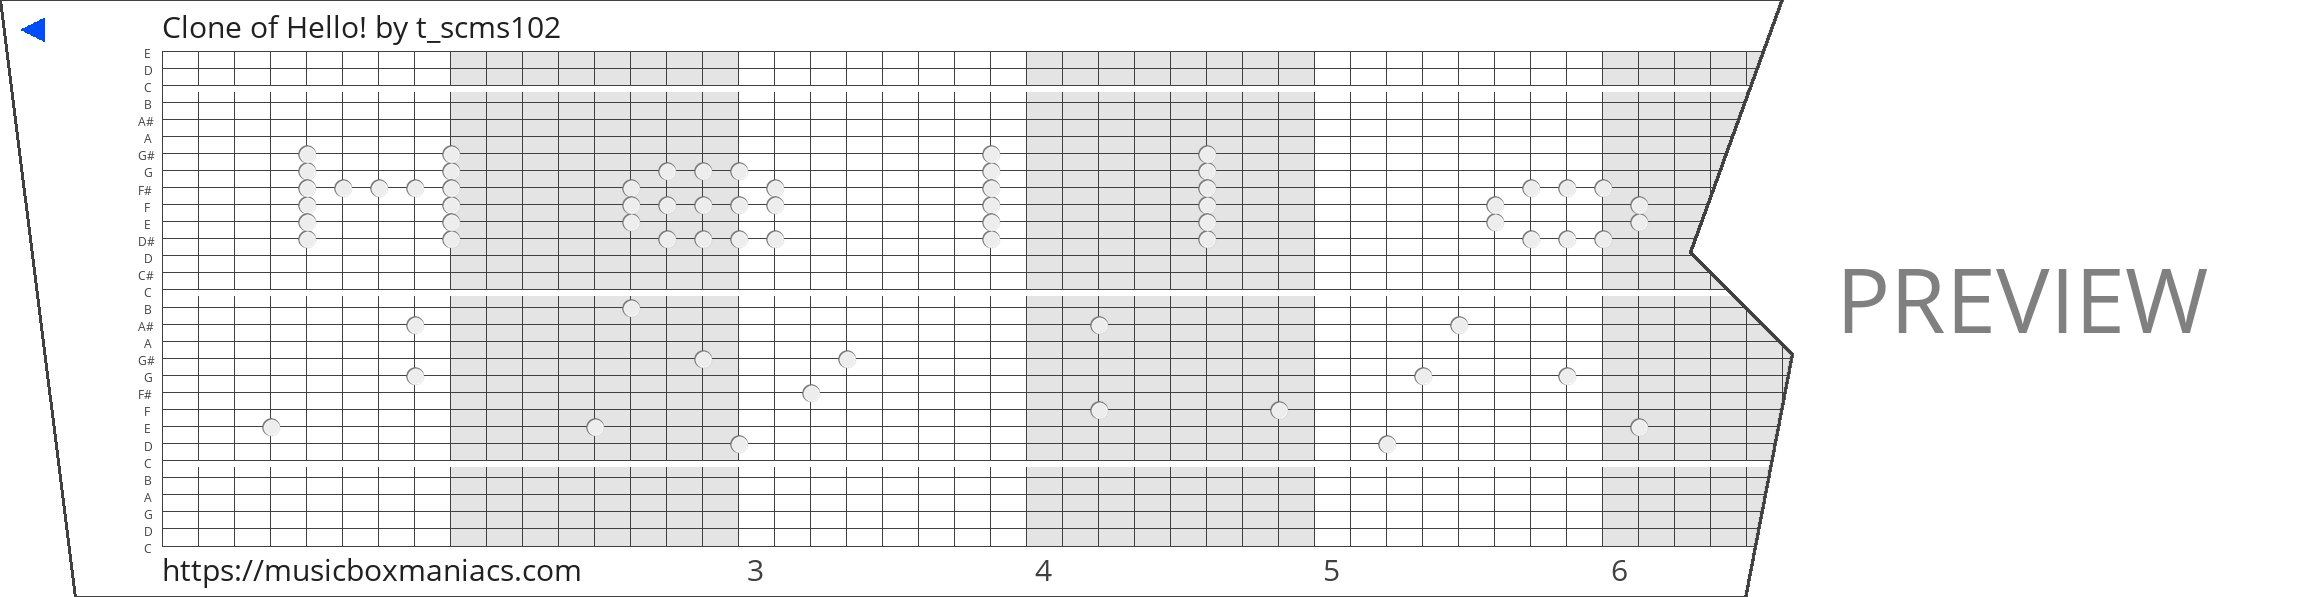 Clone of Hello! 30 note music box paper strip